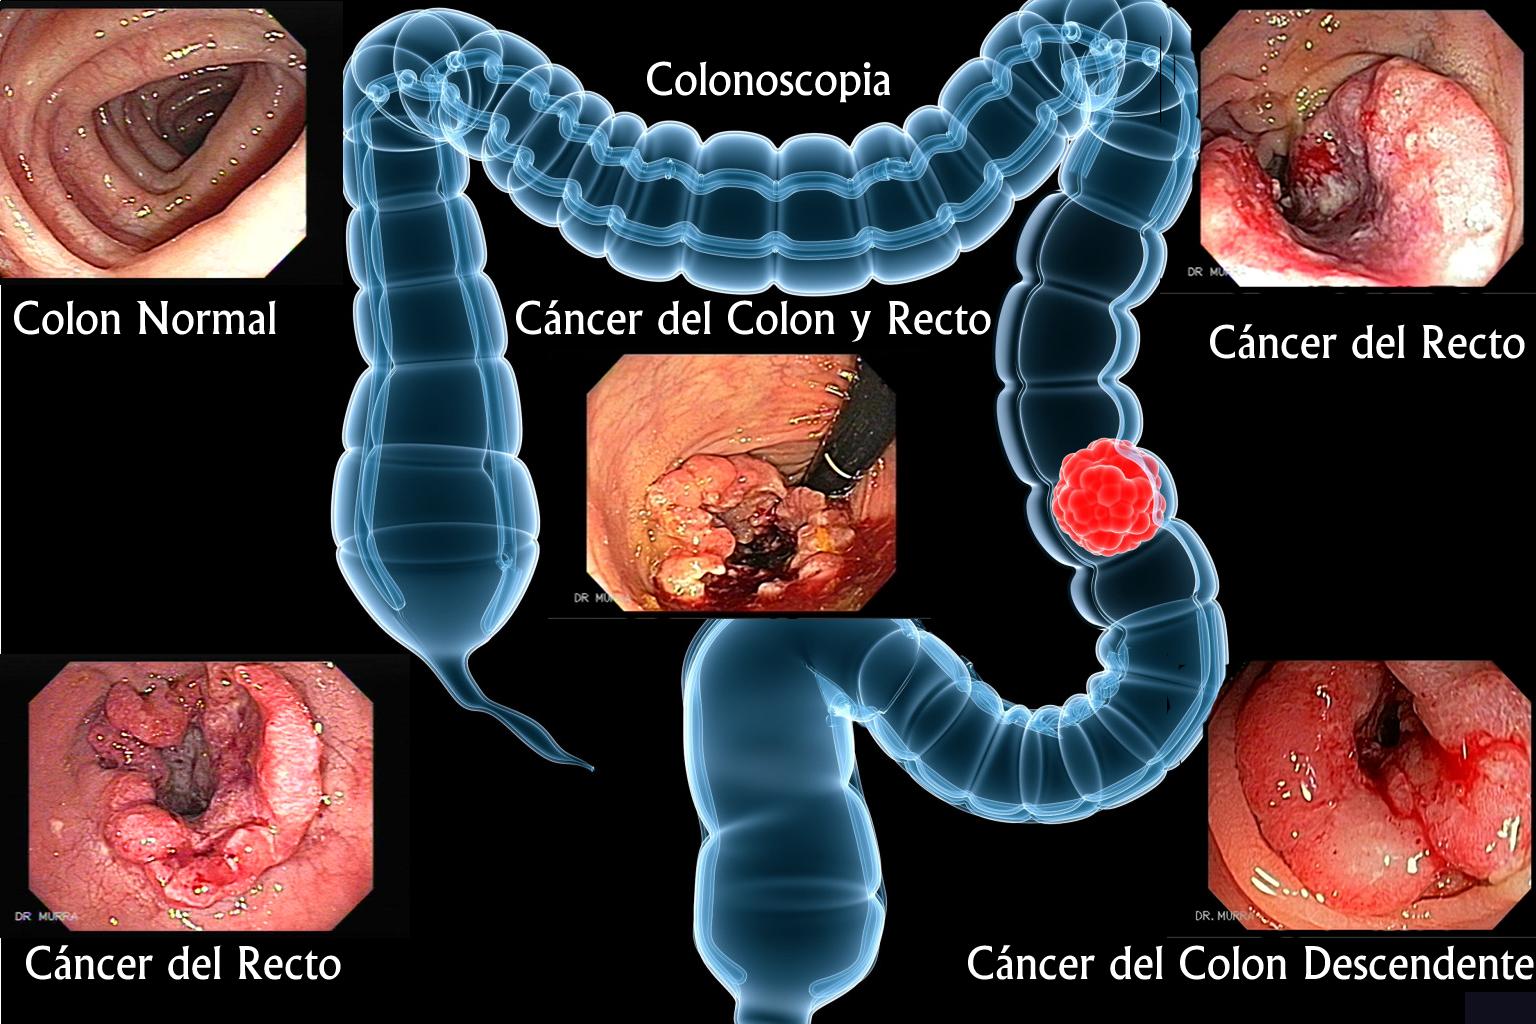 Cáncer del Colon -Gastroenterologia El Salvador - murrasaca.com